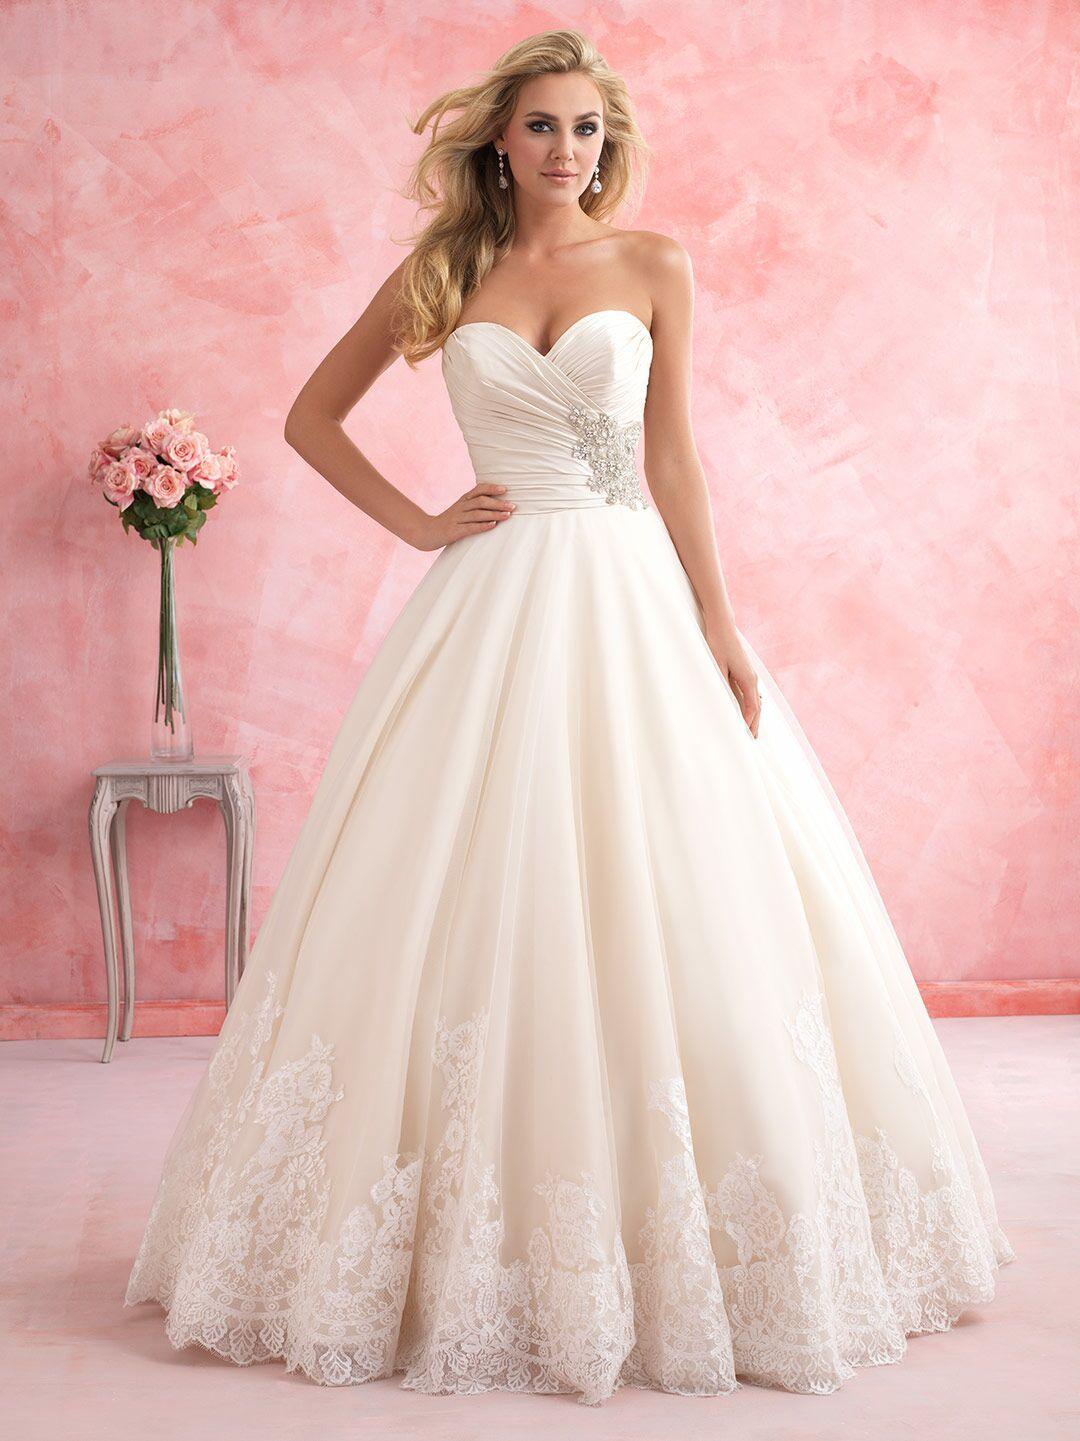 Better Bridal Of Pittsburgh Aka Candalina Brides Bridal Salons